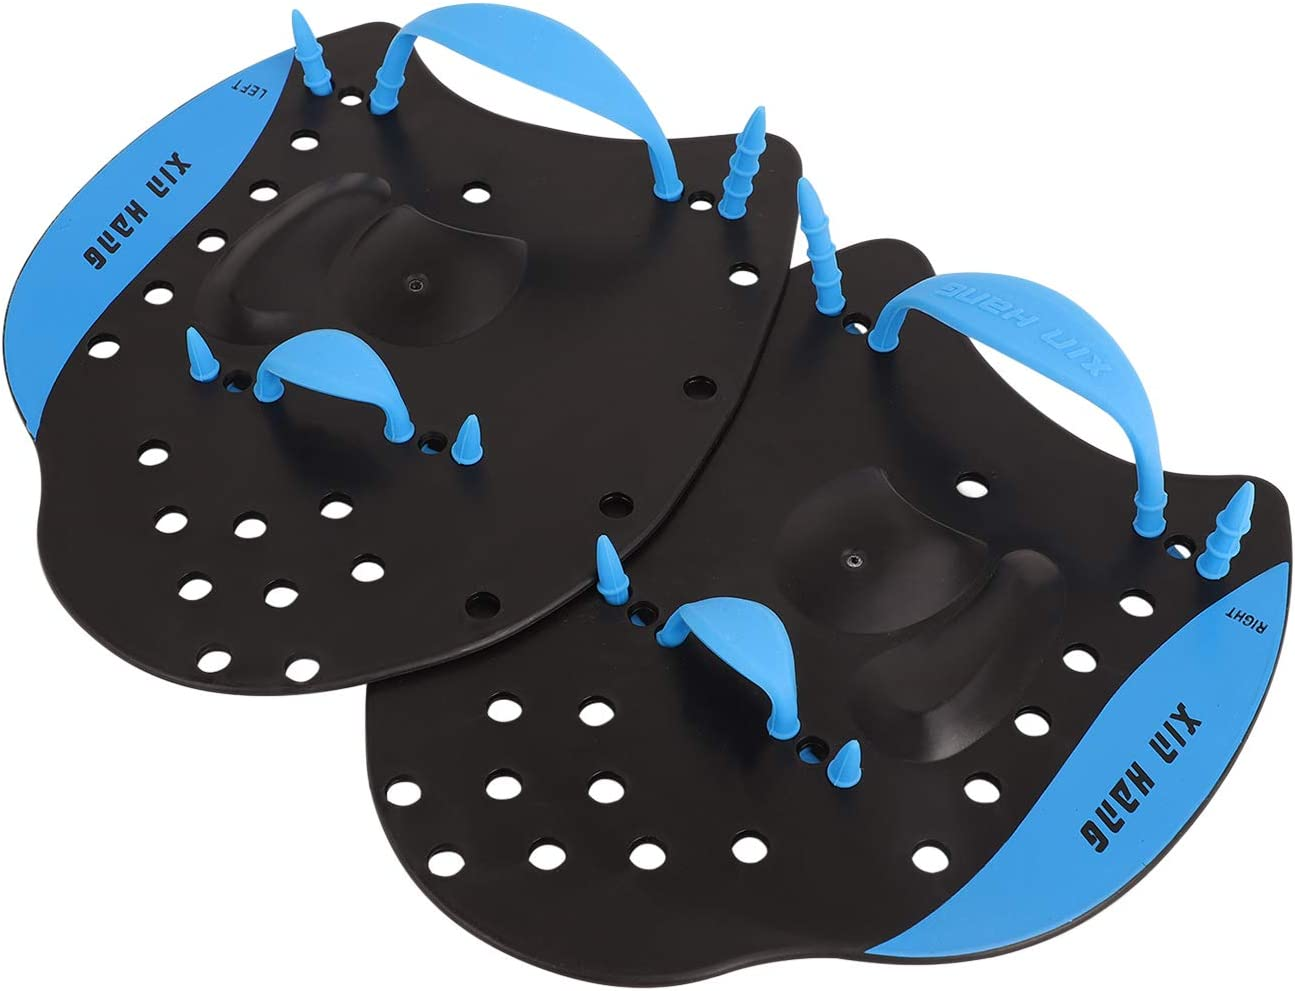 Guanti da Immersione Nuoto Guanti per Sport nautici Immersione pagaie di Allenamento in Acqua JINTN Guanti da Nuoto in Silicone Unisex per Bambini e Adulti